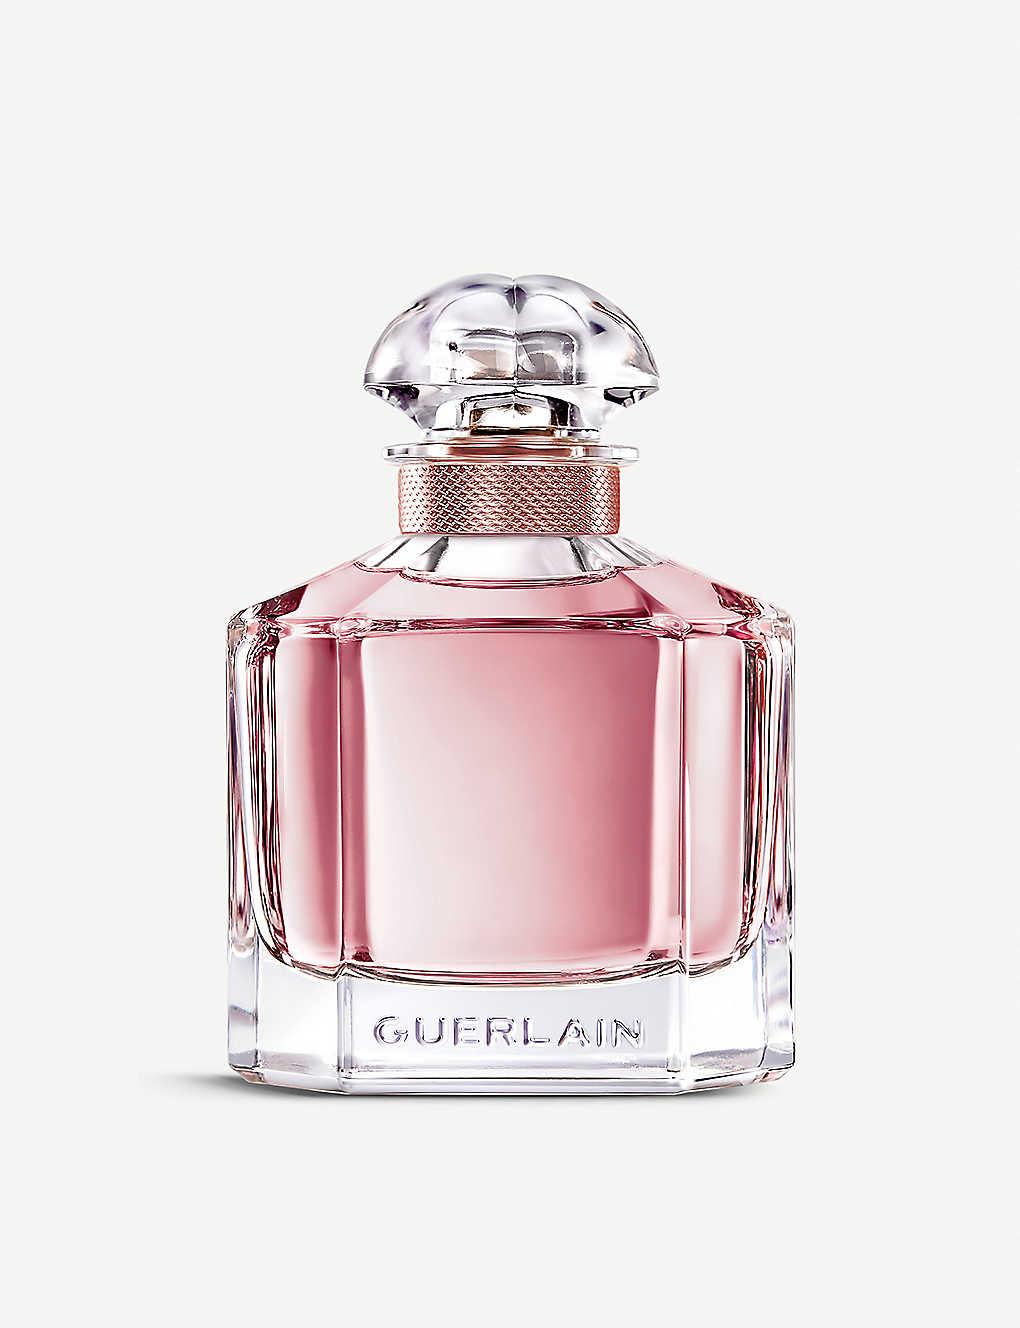 GUERLAIN - Mon Guerlain Eau De Parfum Florale | Selfridges.com